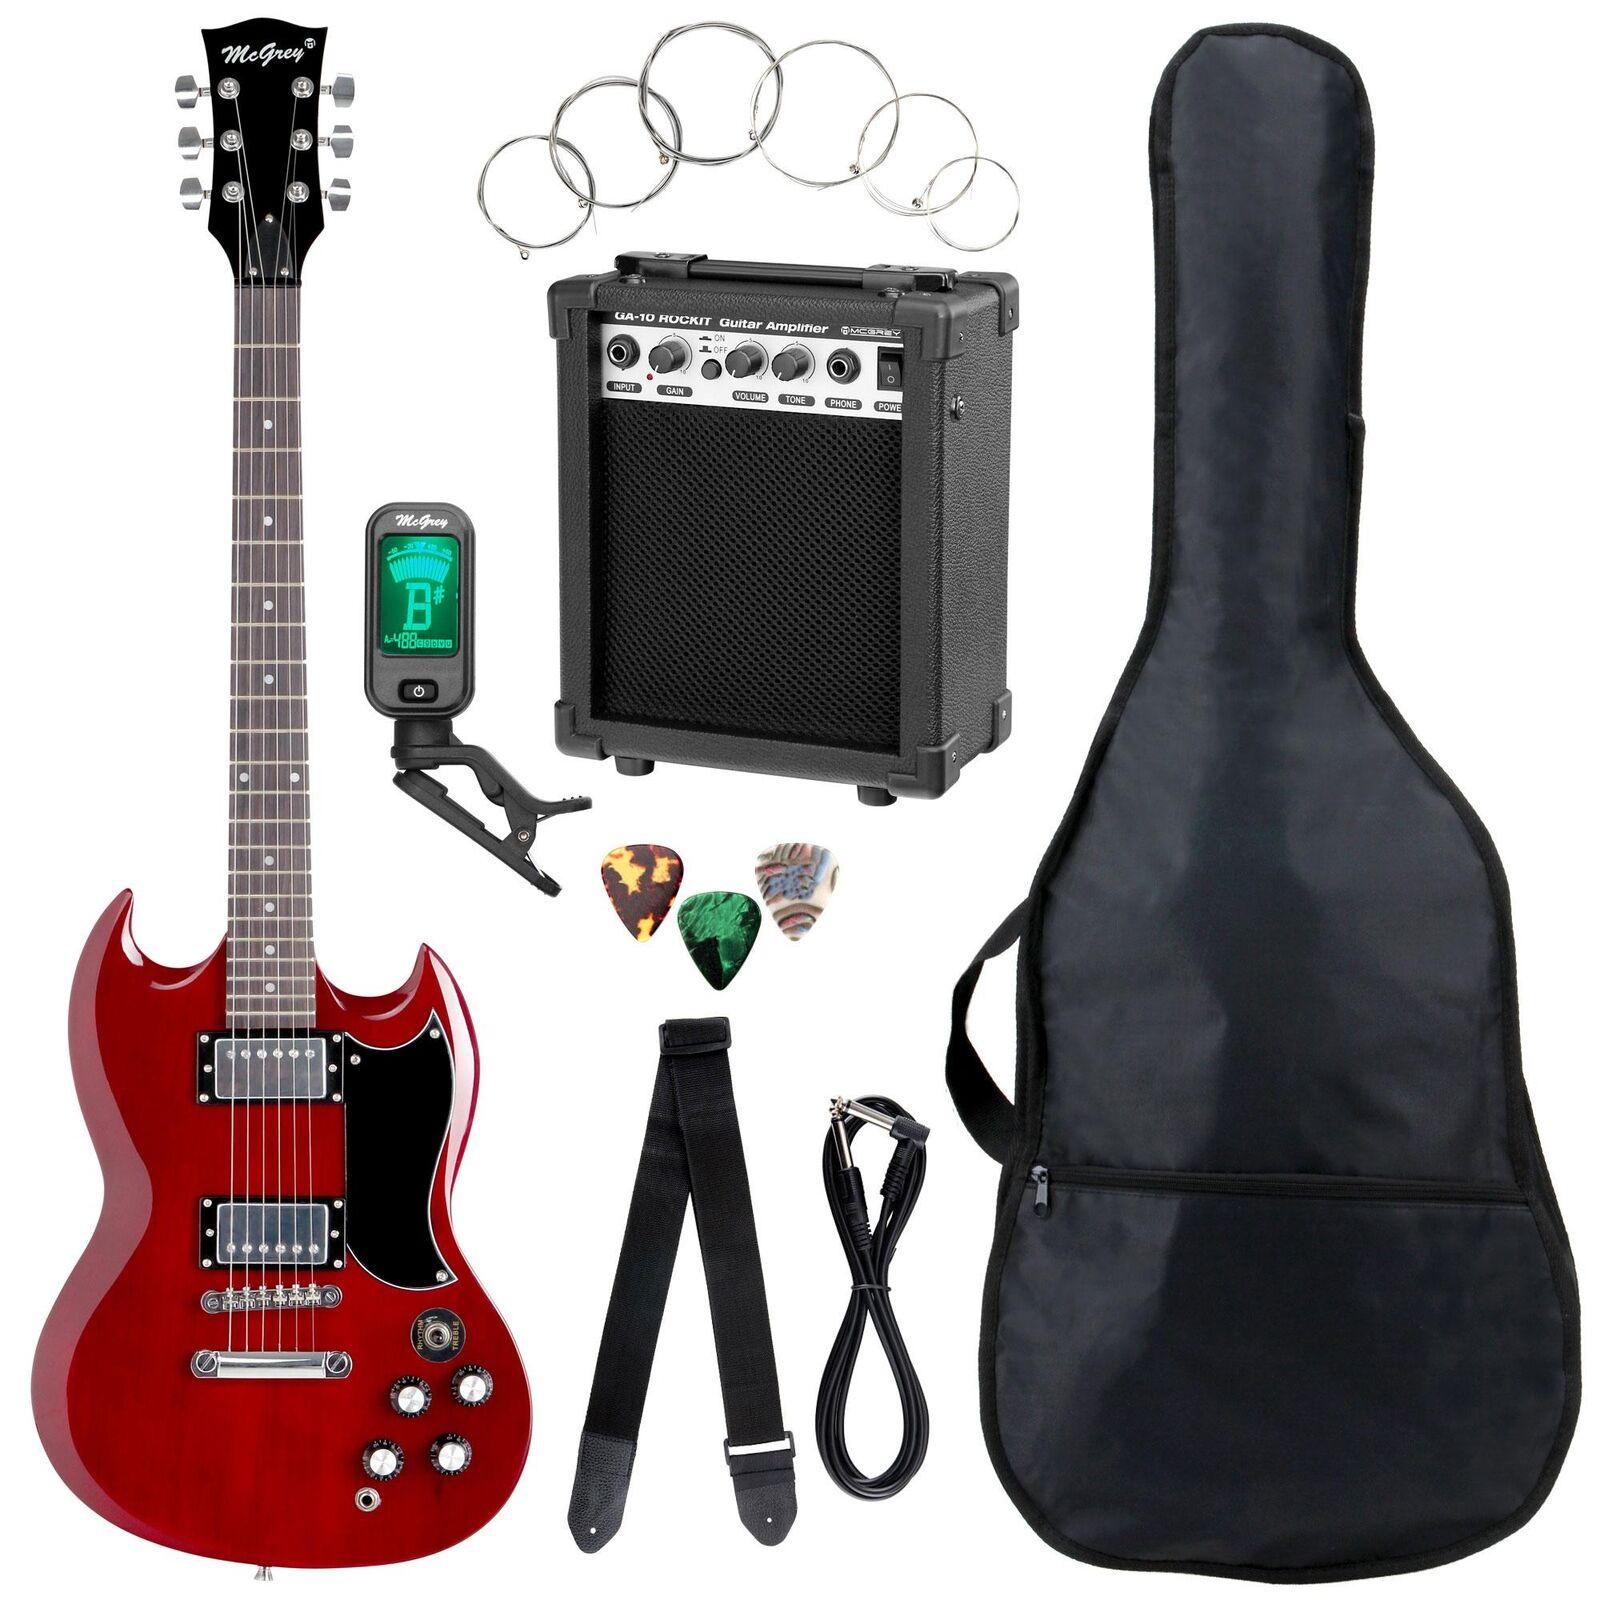 Top Einsteiger E-Gitarre Set Cherry ROT mit Verstärker, Tuner, Gigbag & Gurt